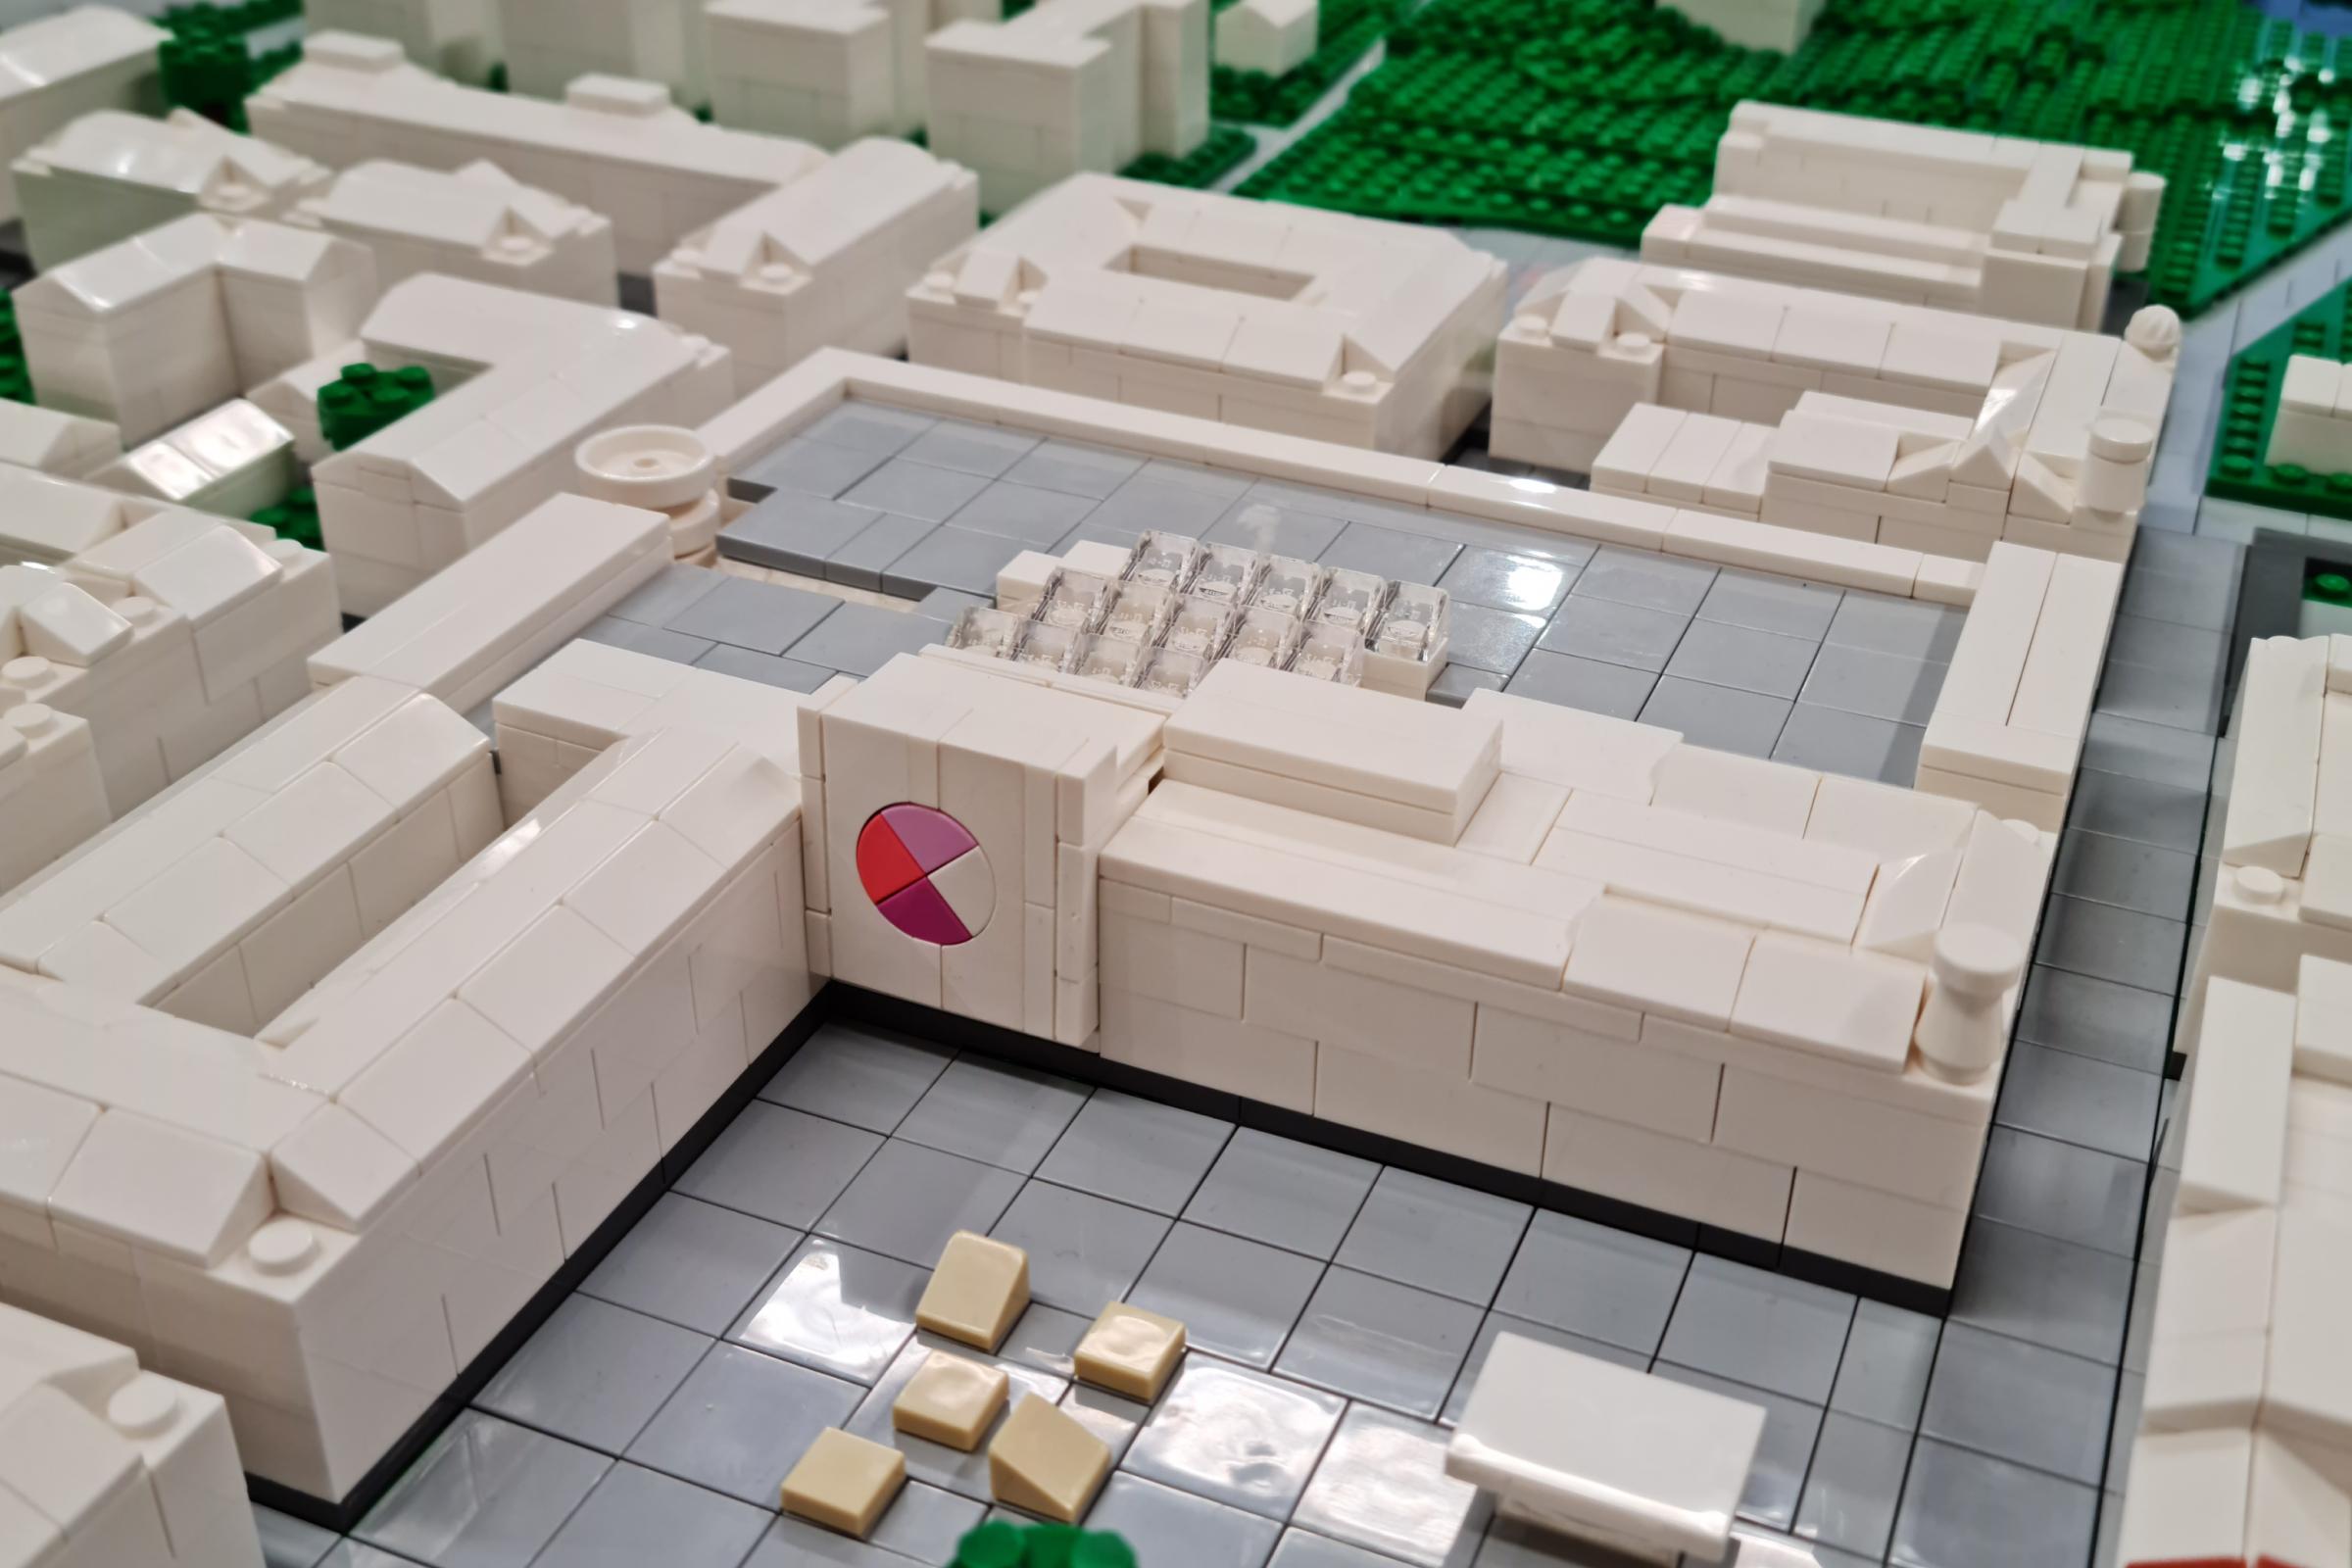 lego-masters-kommer-till-commerce-img